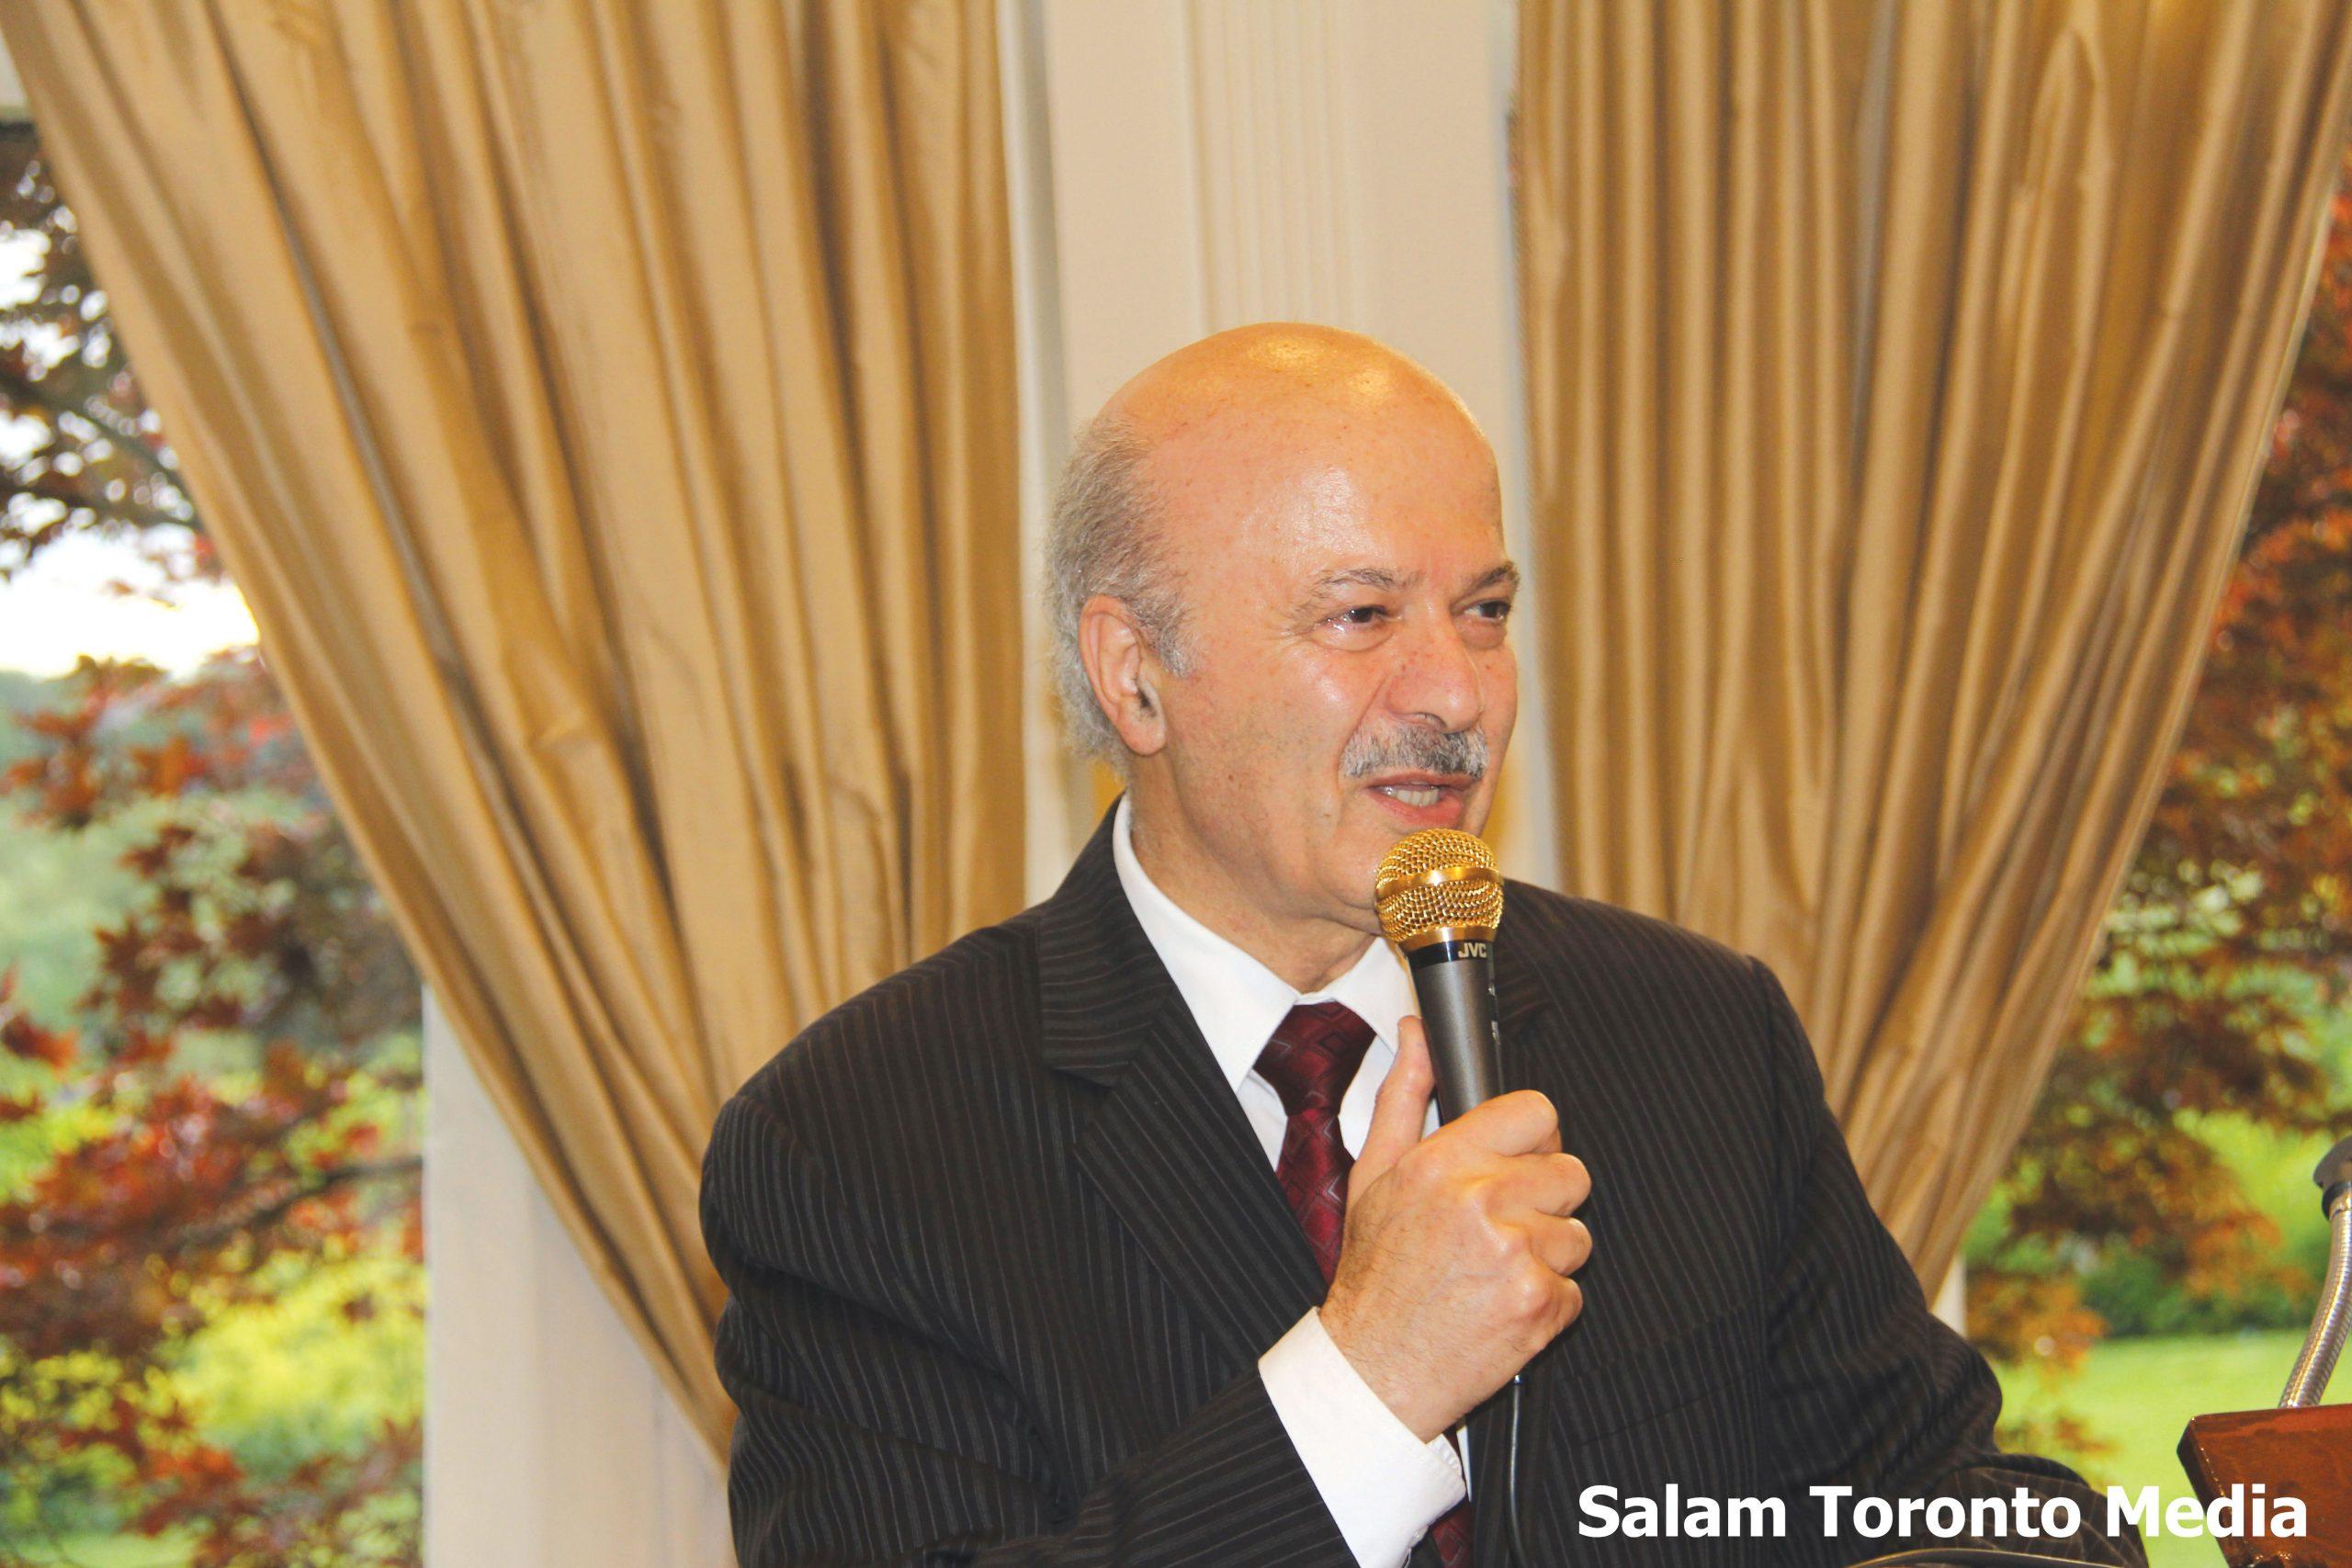 این جشن به دعوت دکتر رضا مریدی نماینده ریچموندهیل در پارلمان انتاریو  برگزار می شود. عکس از سلام تورنتو